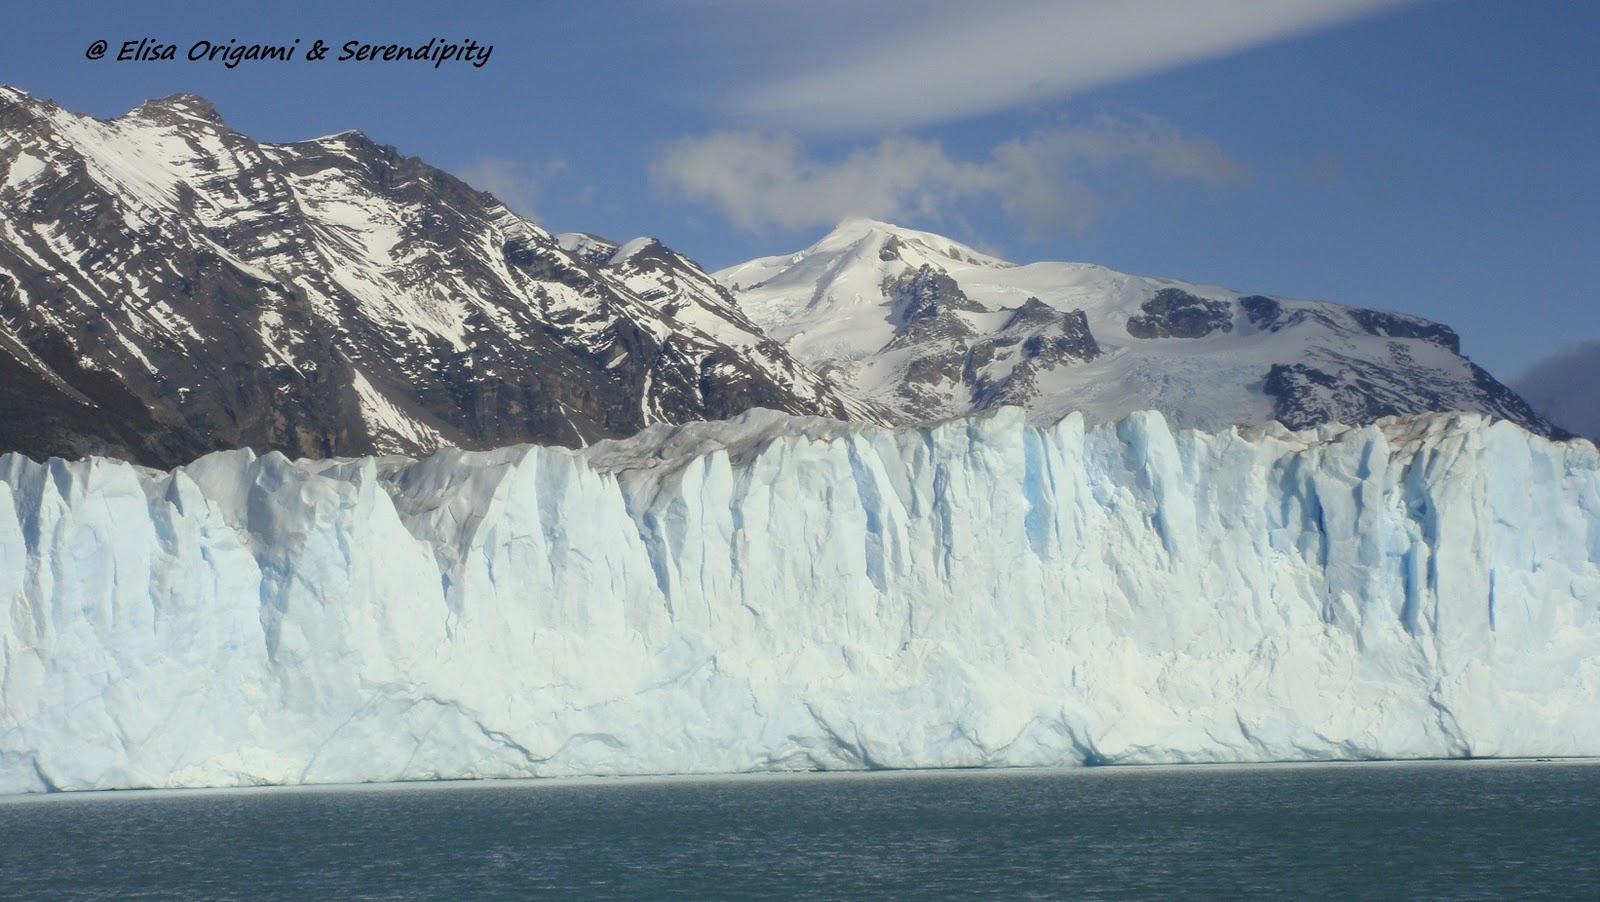 Glaciar Perito Moreno, El Calafate, Patagonia Argentina, Elisa N, Blog de Viajes, Lifestyle, Travel